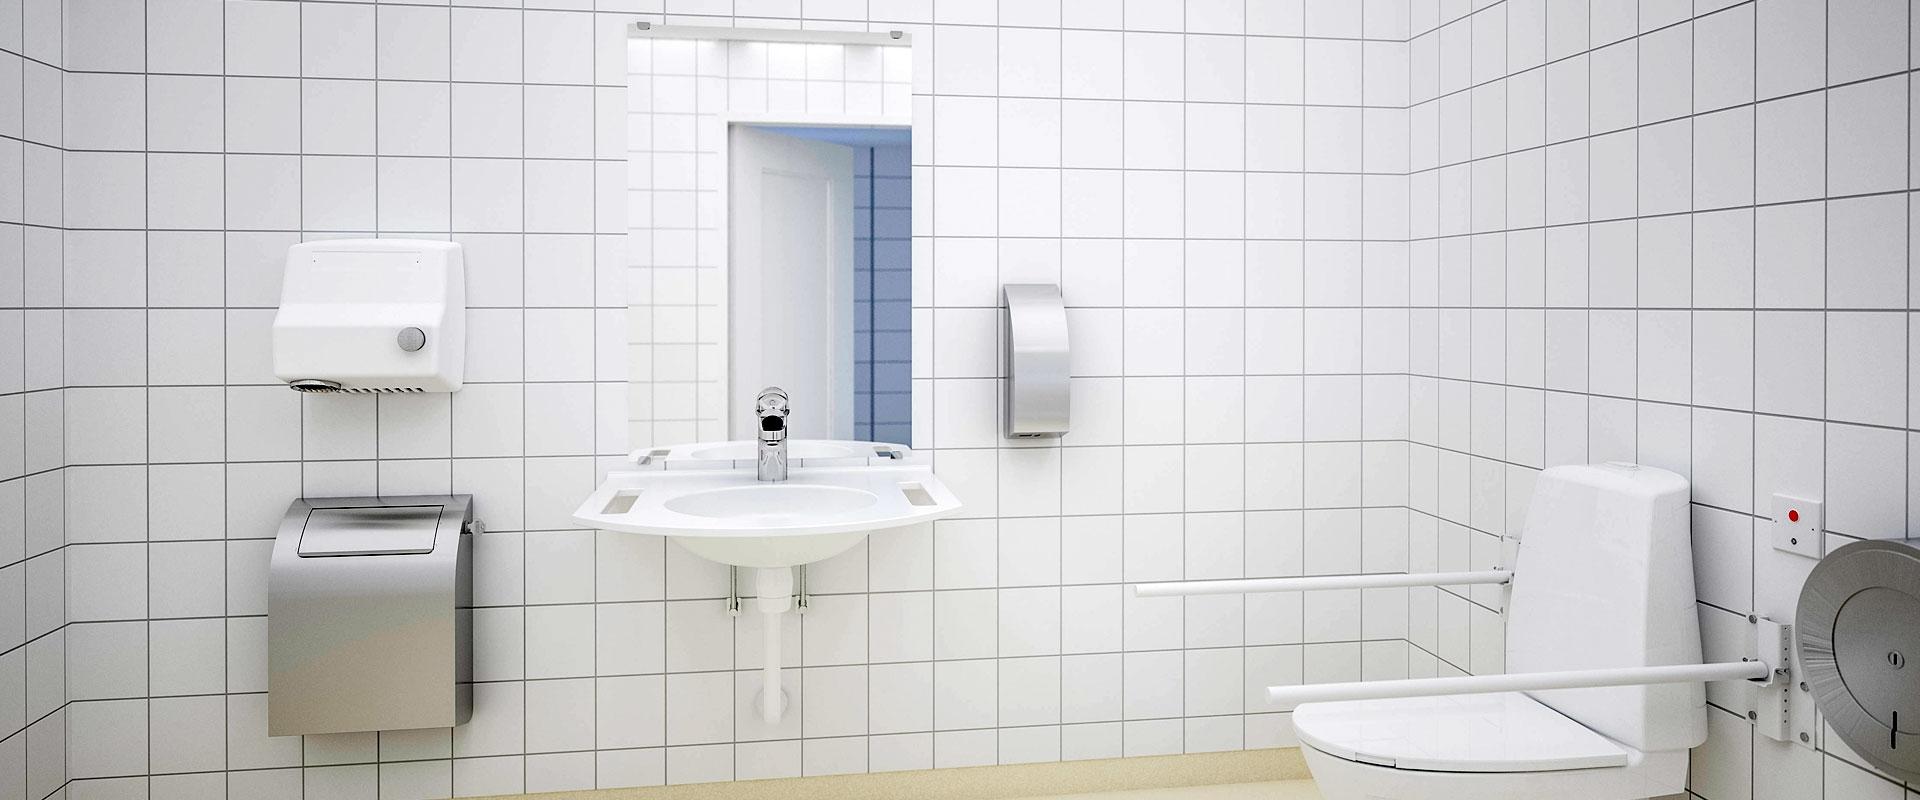 Tvättställ till offentlig miljö